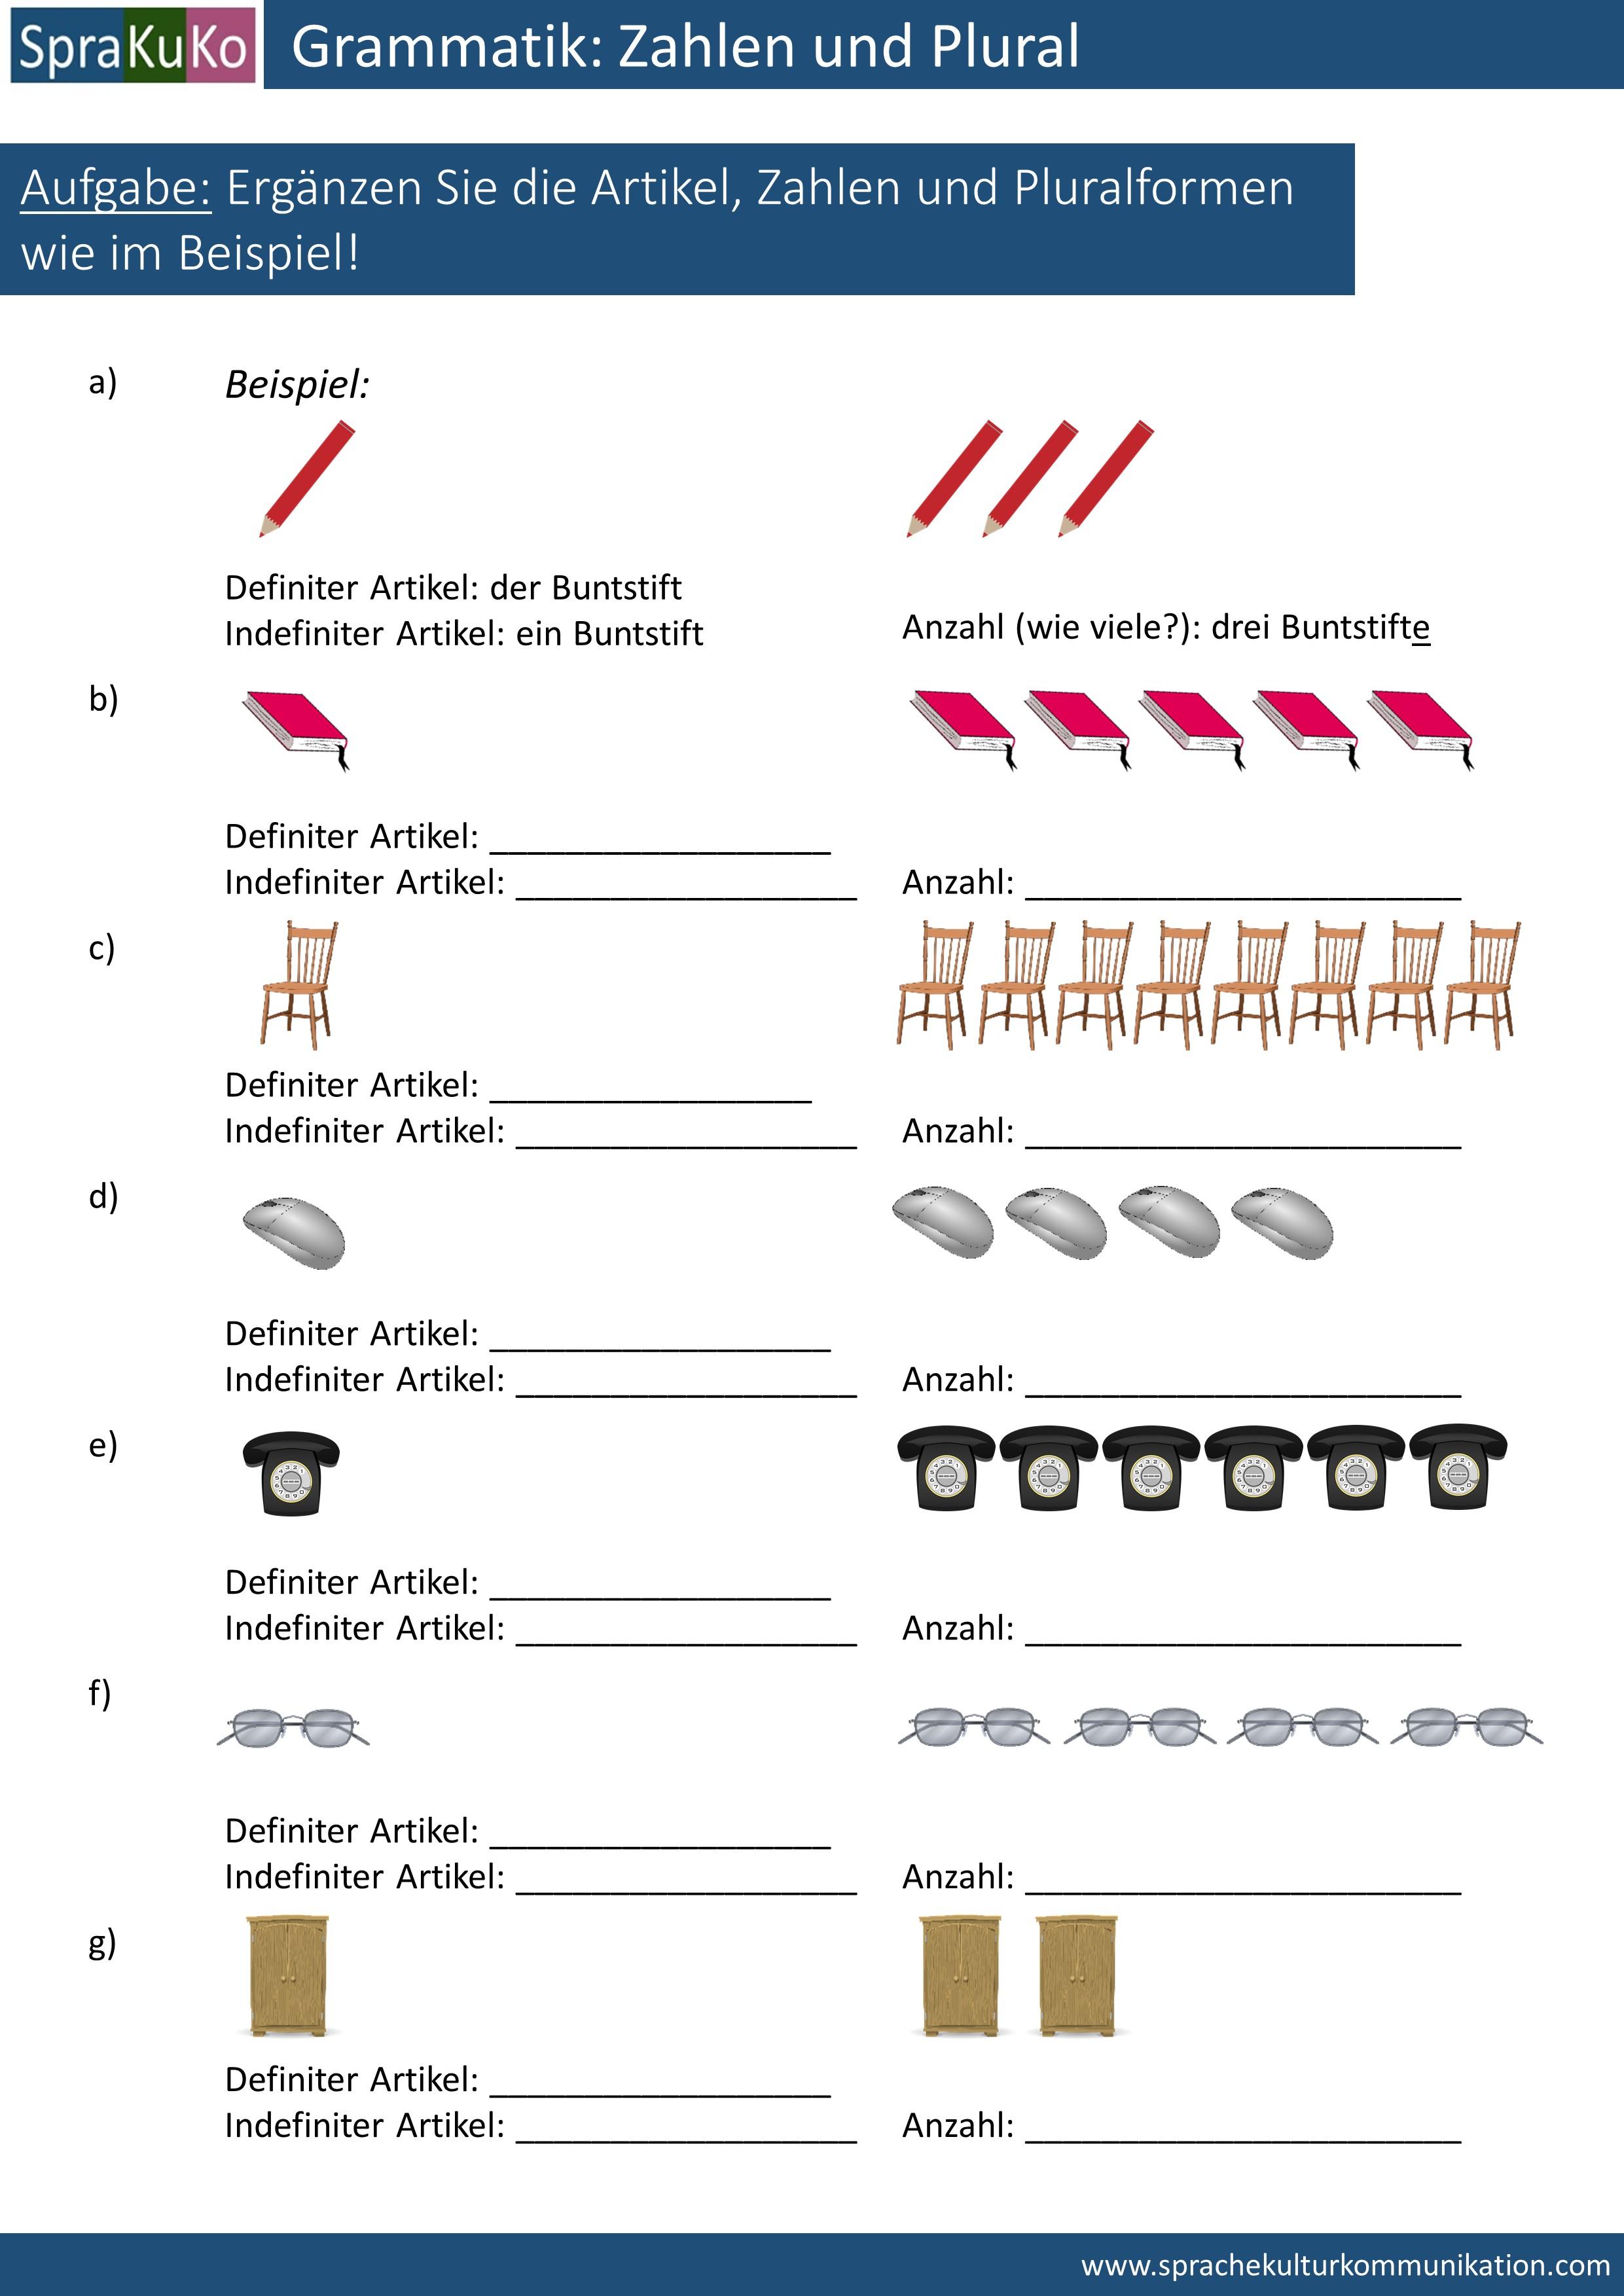 Übung Zahlen und Plural.jpg